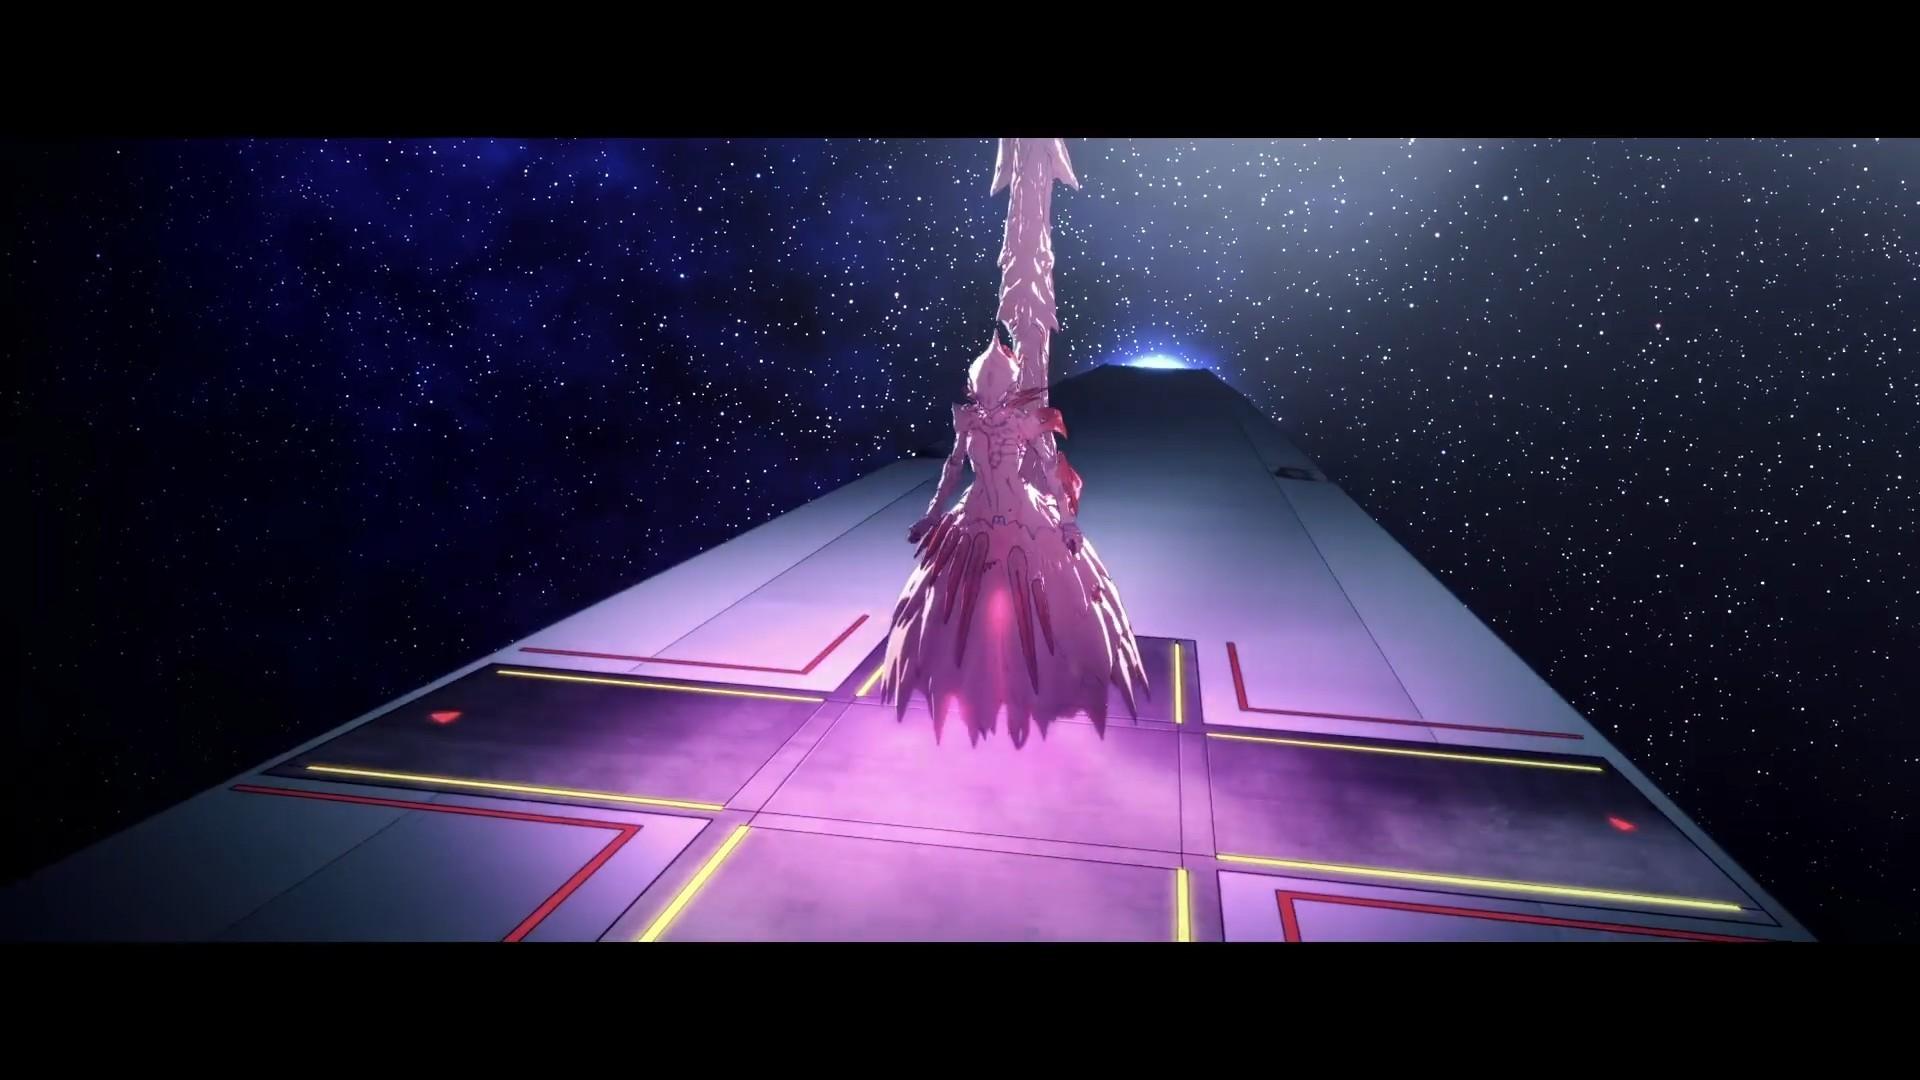 剧场版动画「希德尼娅的骑士 纺织爱的星星」第2弹正式预告公开,5月14日上映